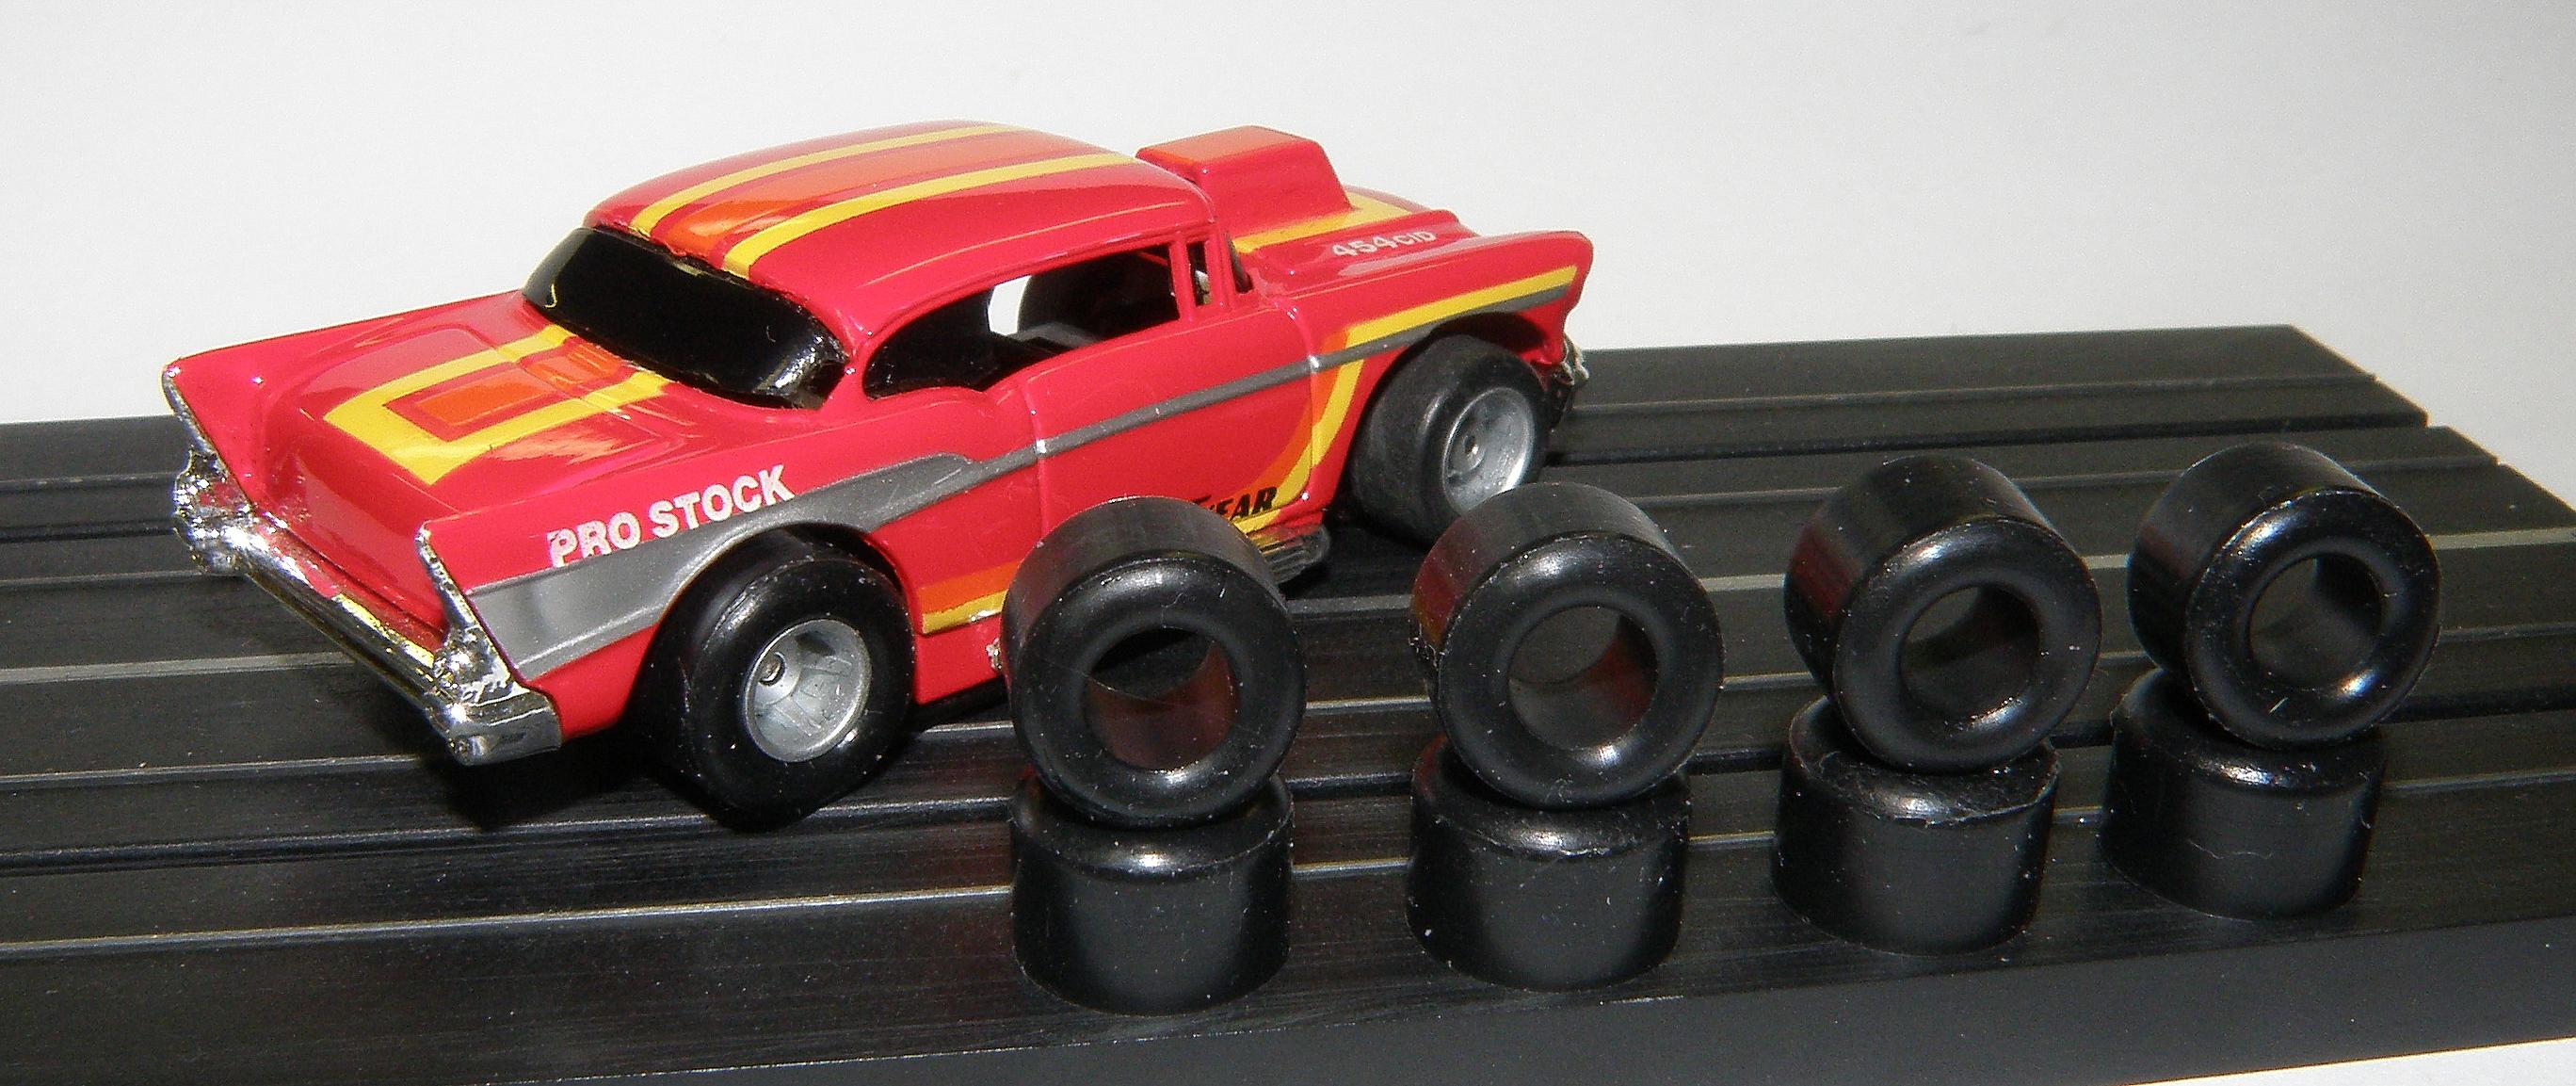 HO Super Tires